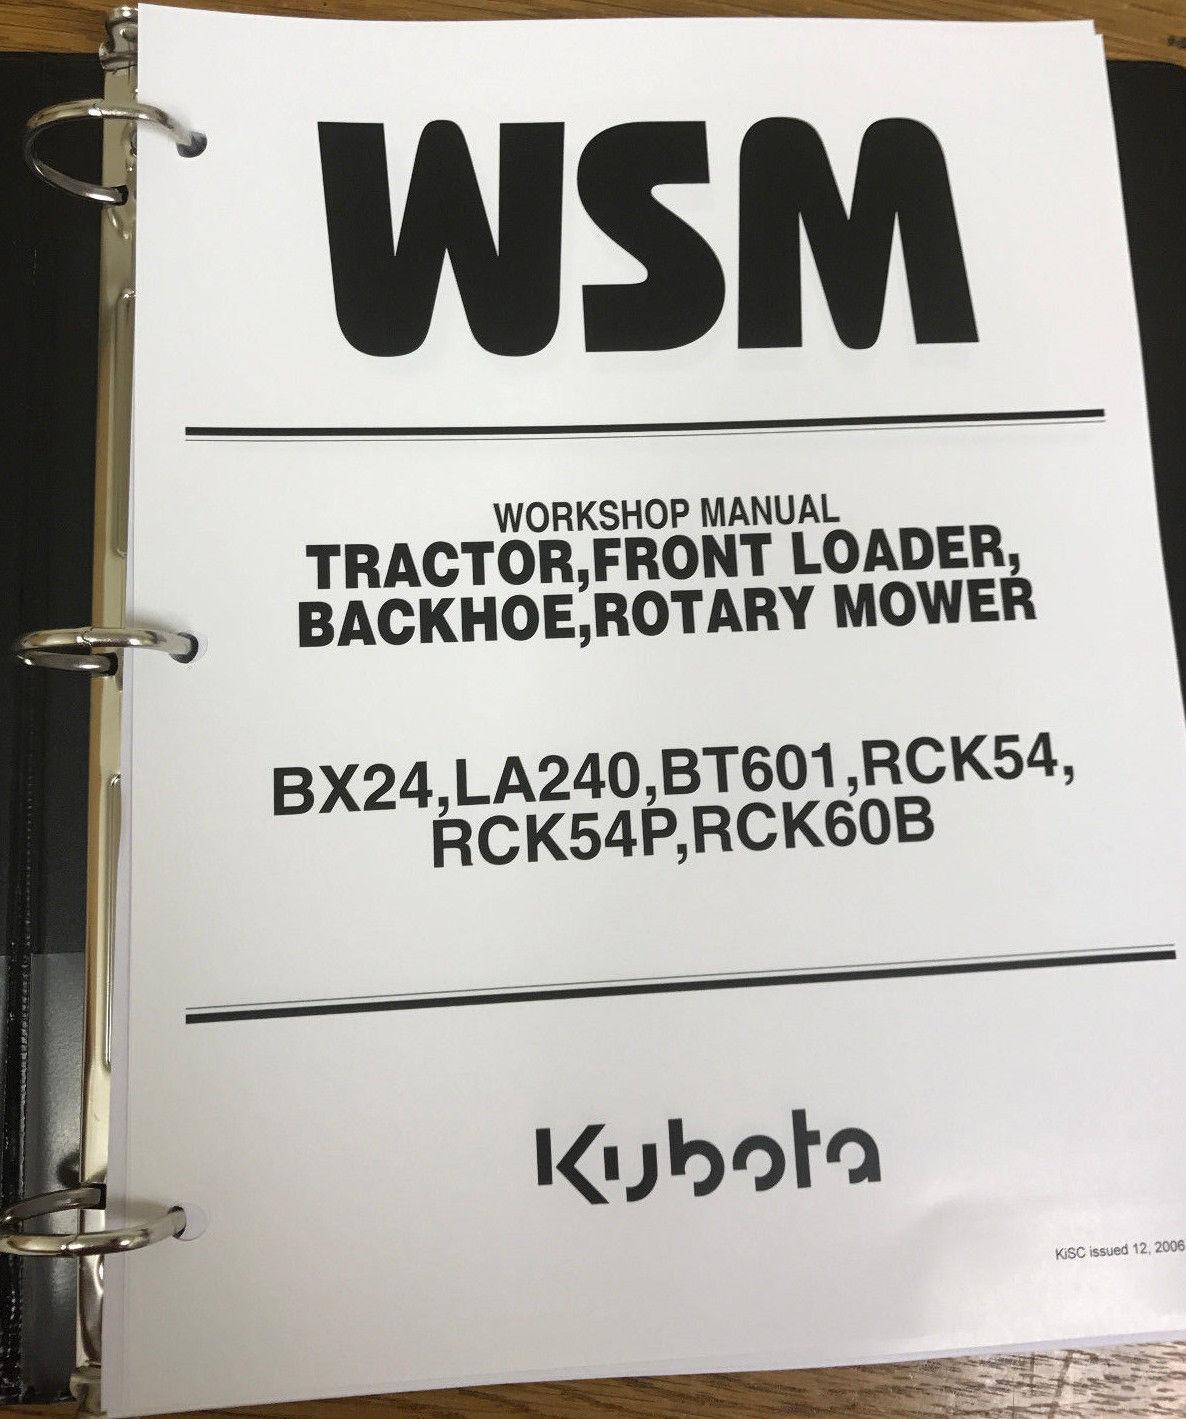 kubota bx24 tractor loader backhoe rotary and 13 similar items rh bonanza com Kubota BX24 Specs Used KUBOTA BX24